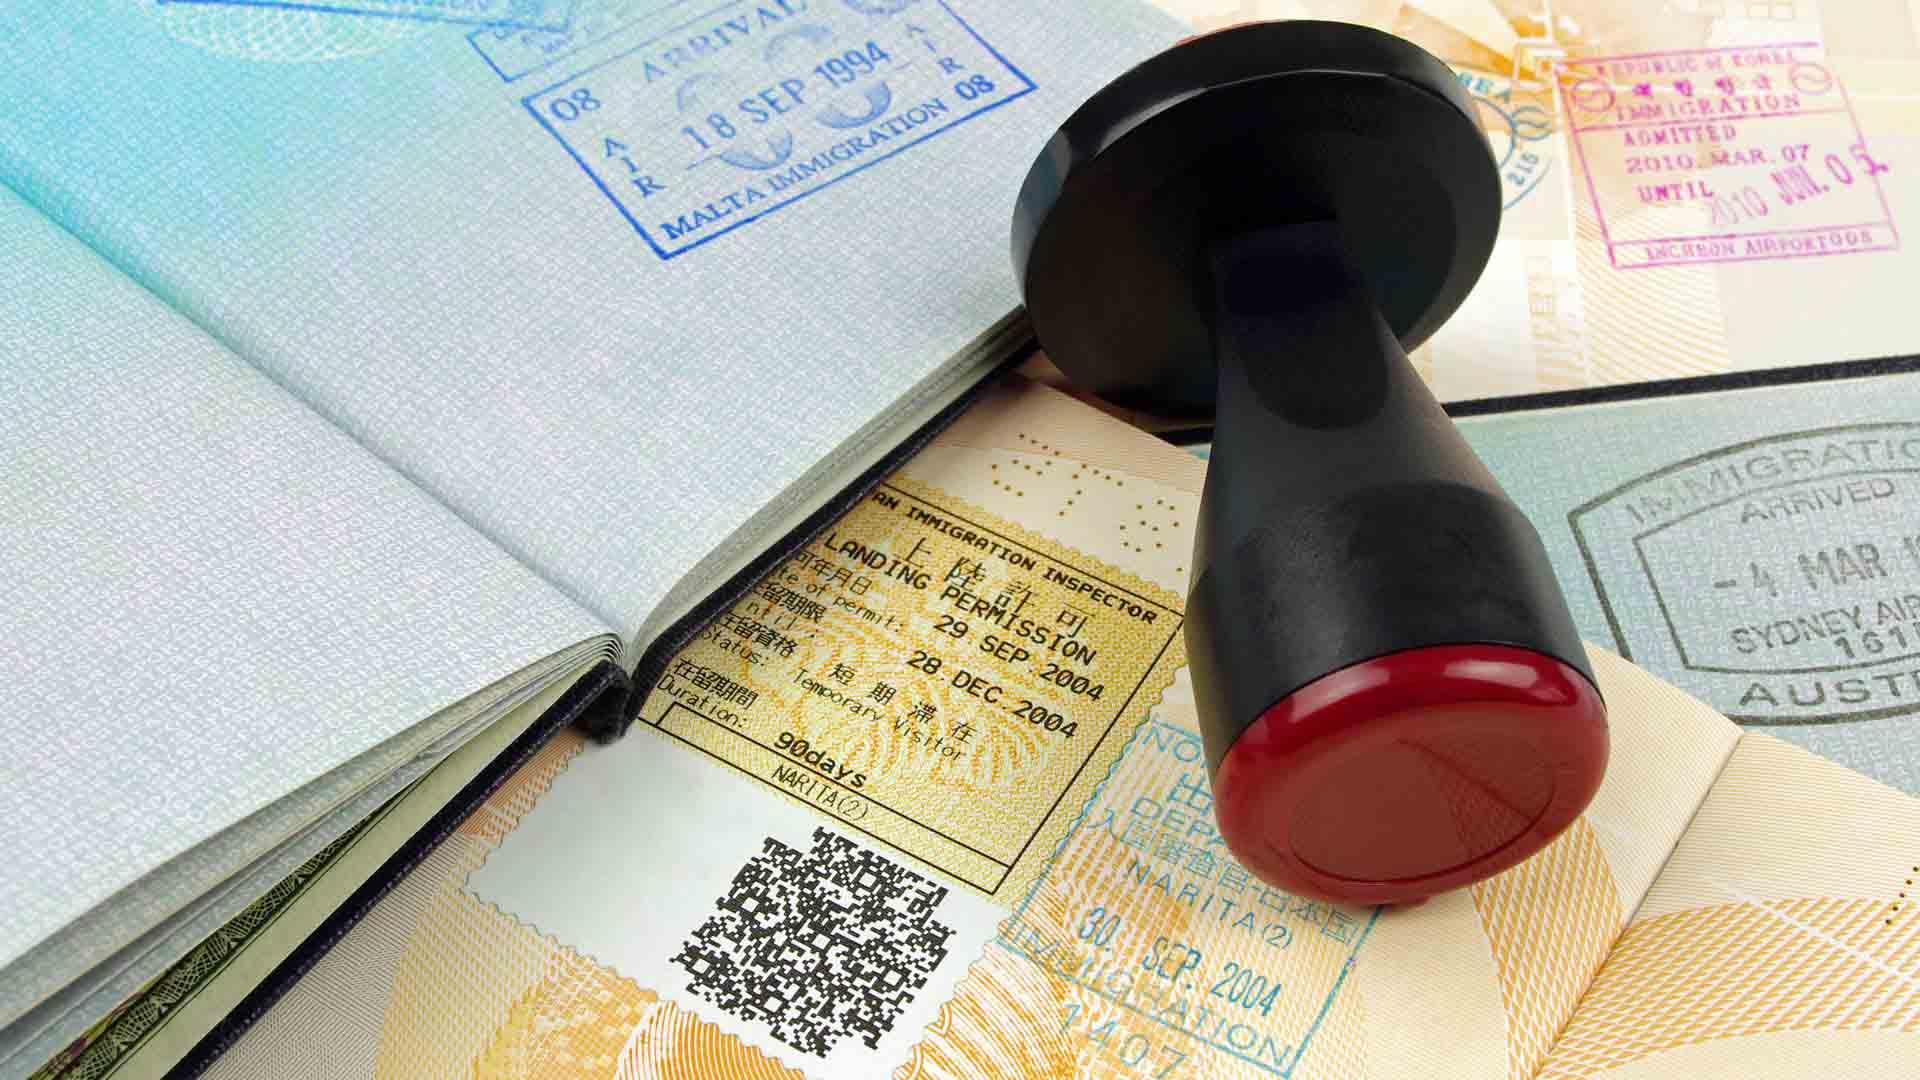 Recientemente, la nación panameña comenzó a exigir visa estampada a todos los venezolanos que desearan ingresar a su territorio